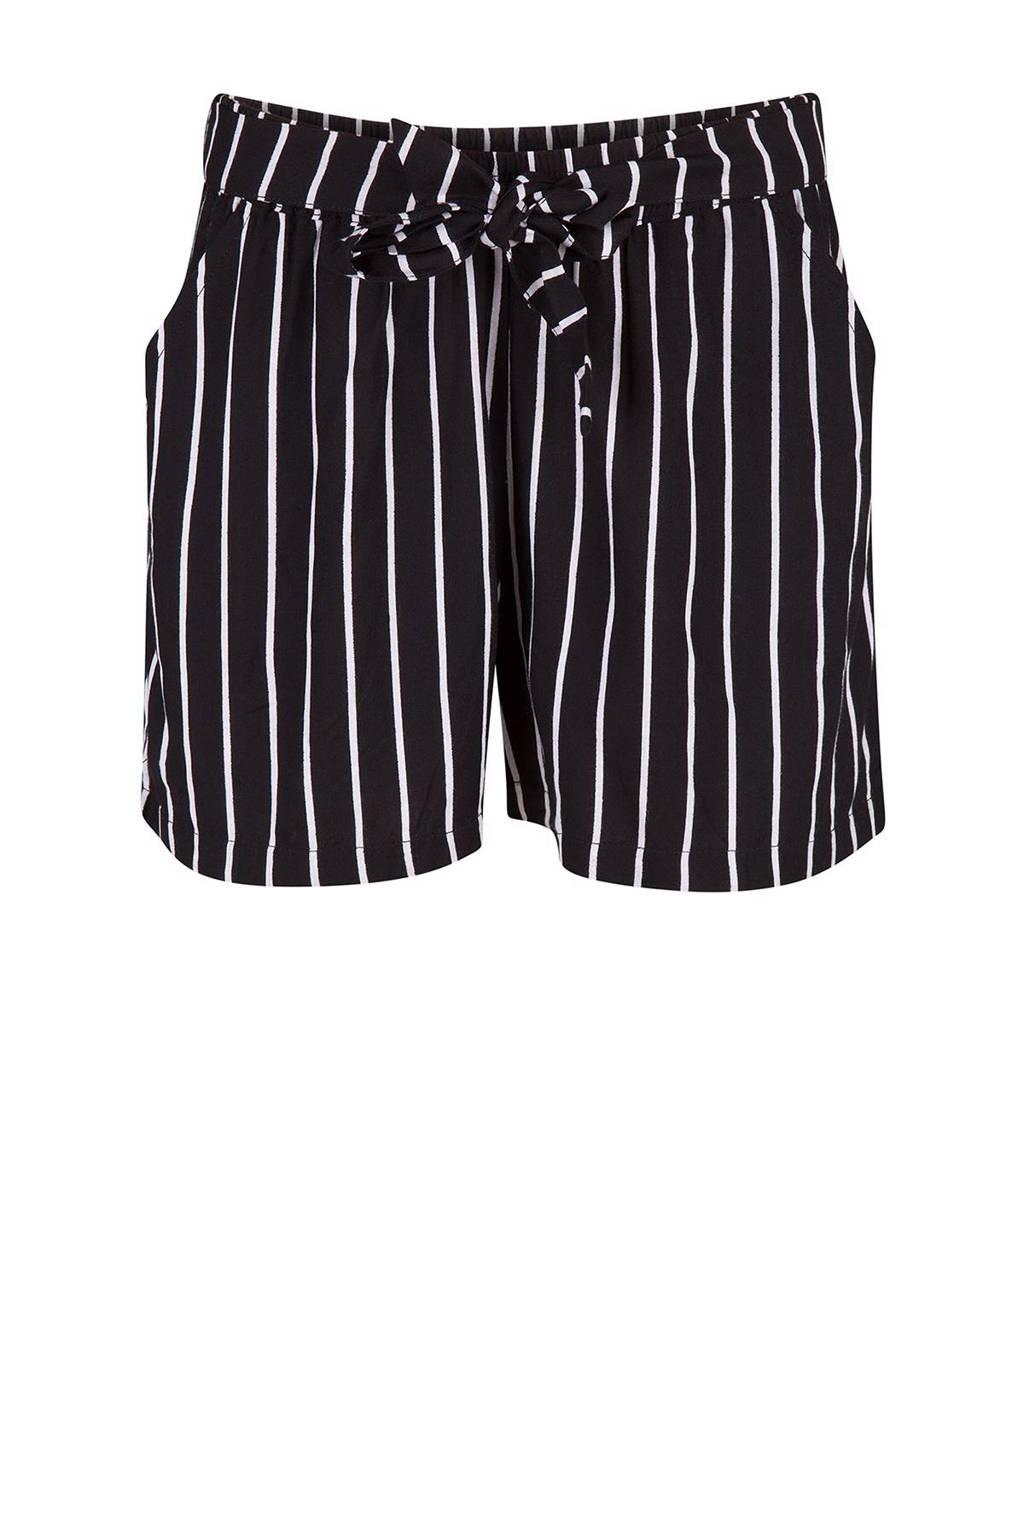 11f745ff0809dd WE Fashion gestreepte korte broek, Zwart/wit